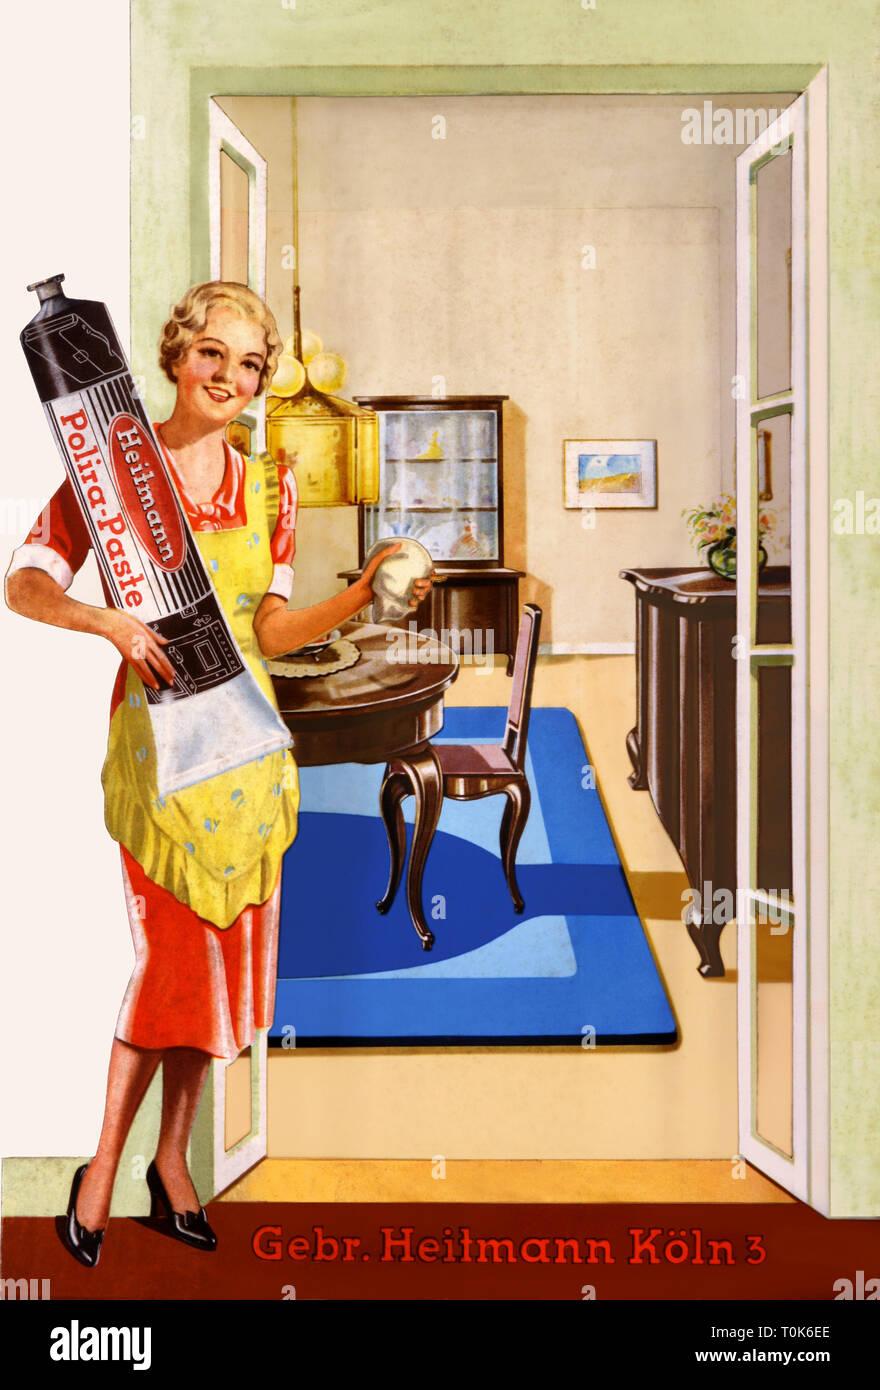 Haushalt, sauber, Werbung für Polira polnischen von Heitmann ...